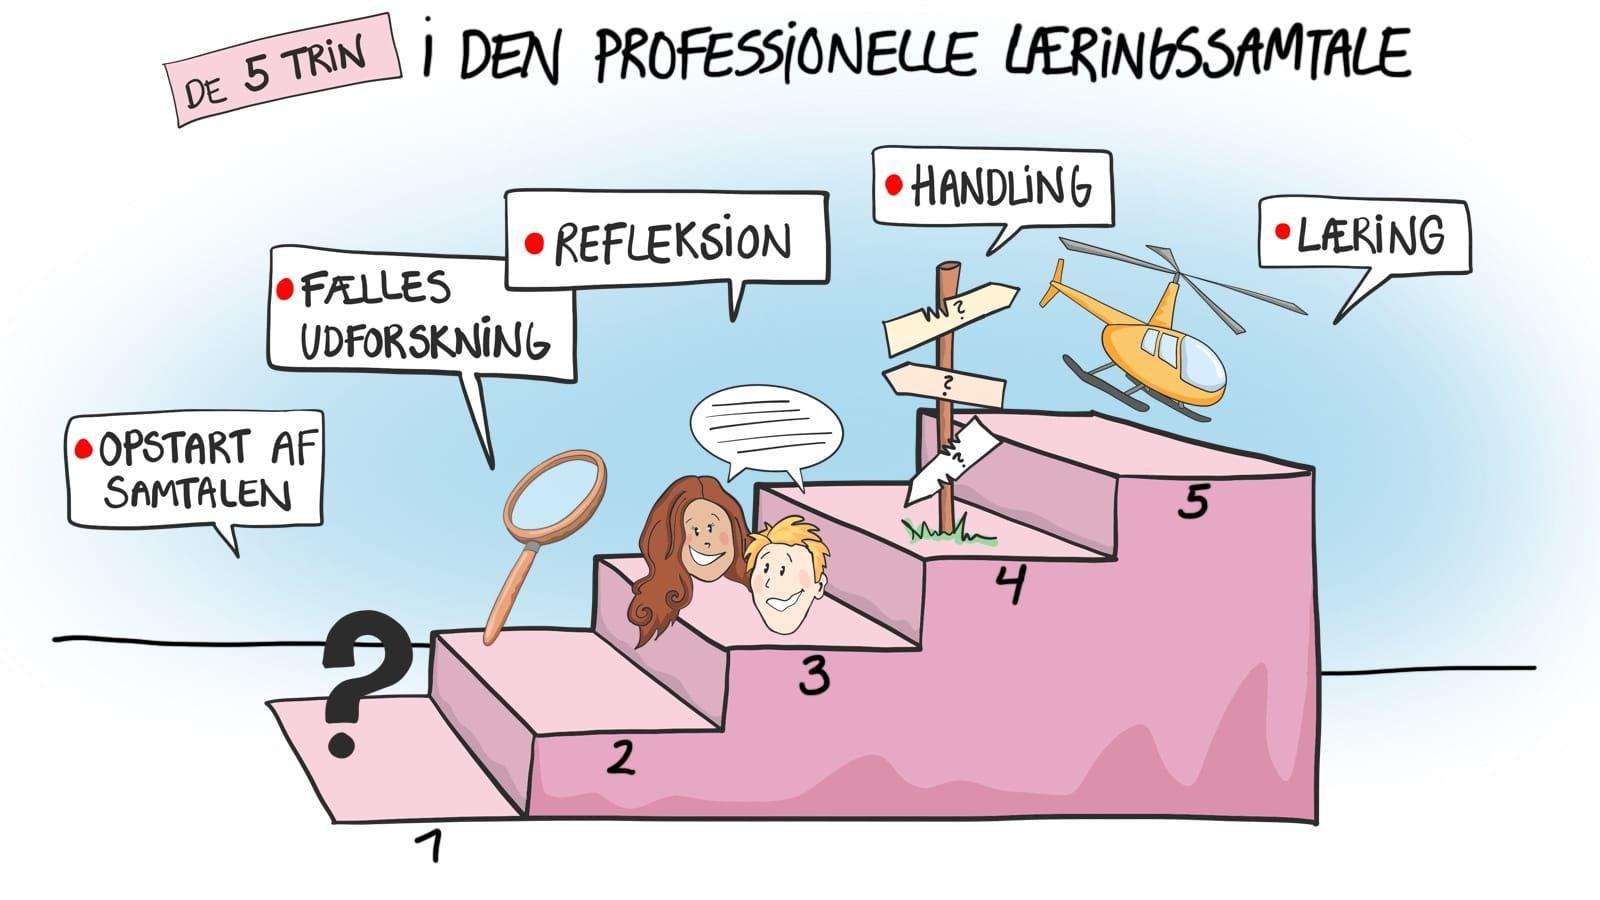 Den professionelle læringssamtale